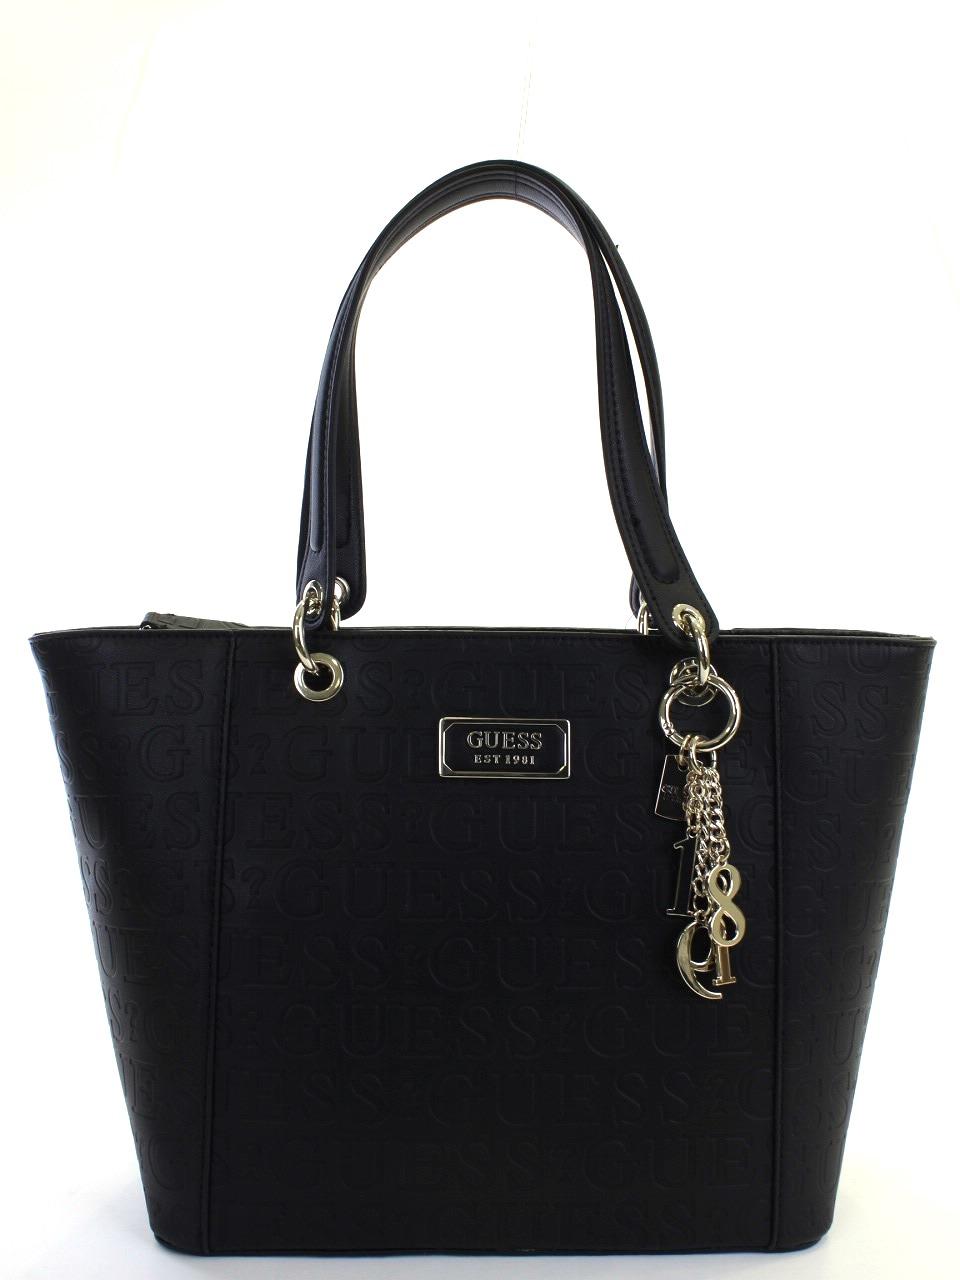 Handbags Guess - 465 HWVD66 91230